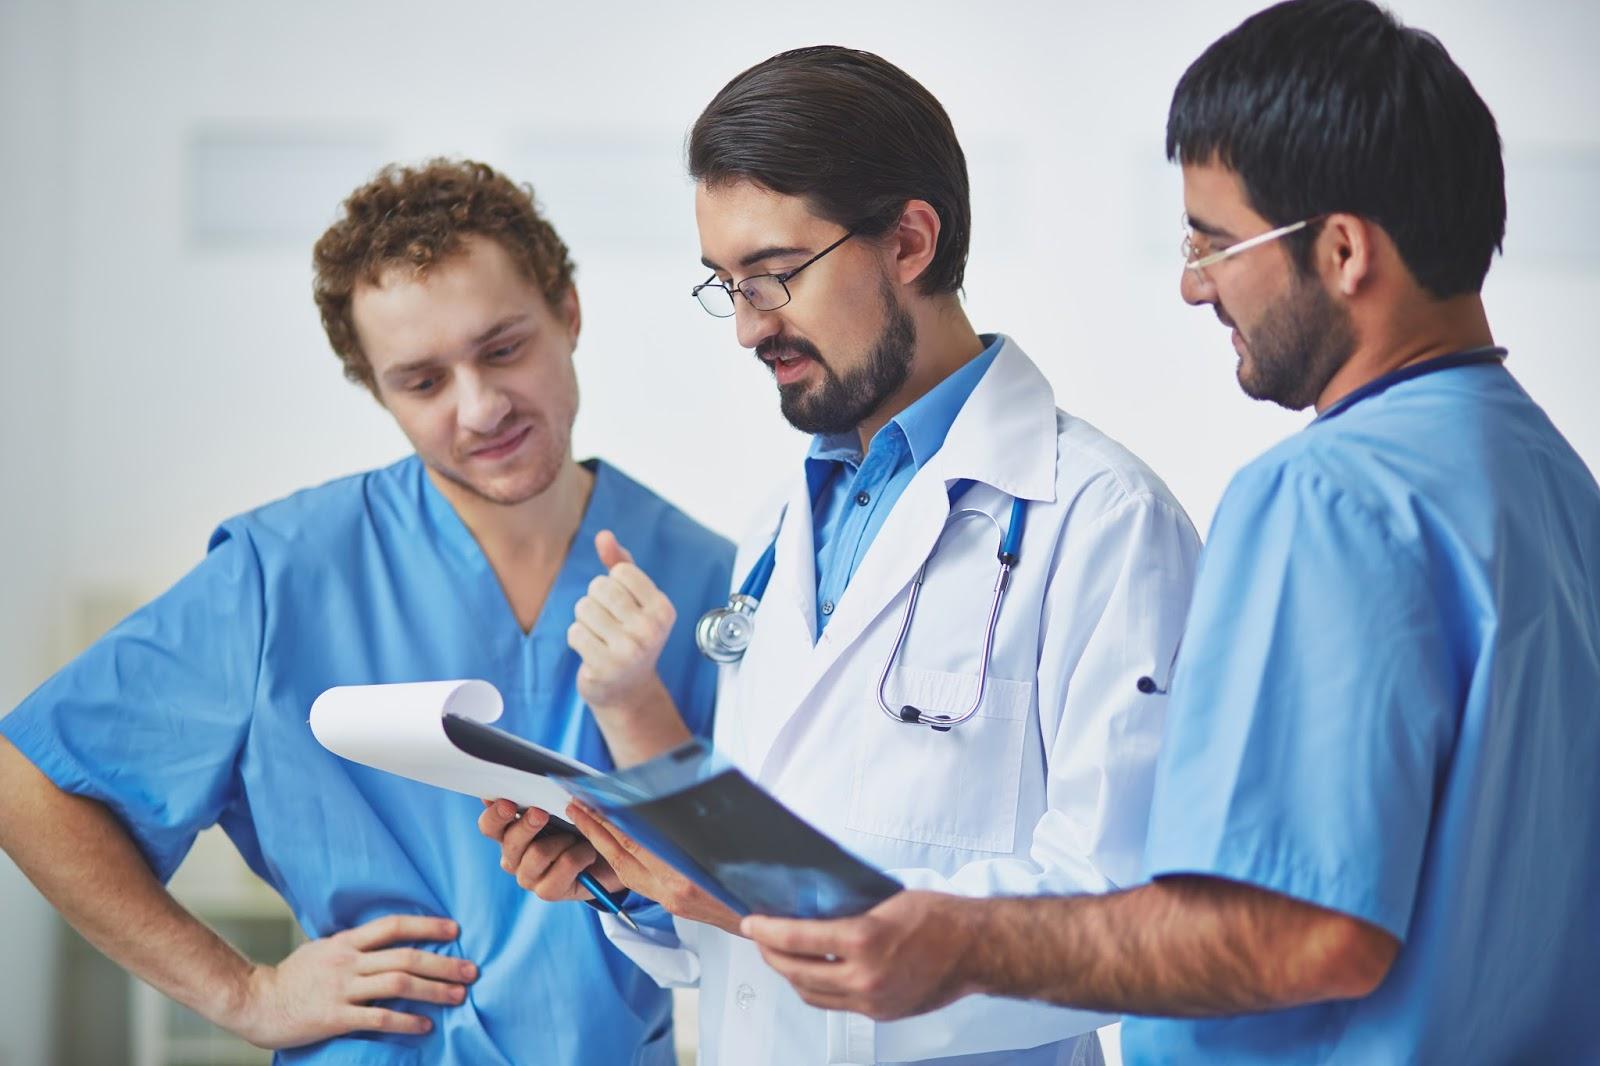 Dlaczego lekarze nie przepadają za mediami